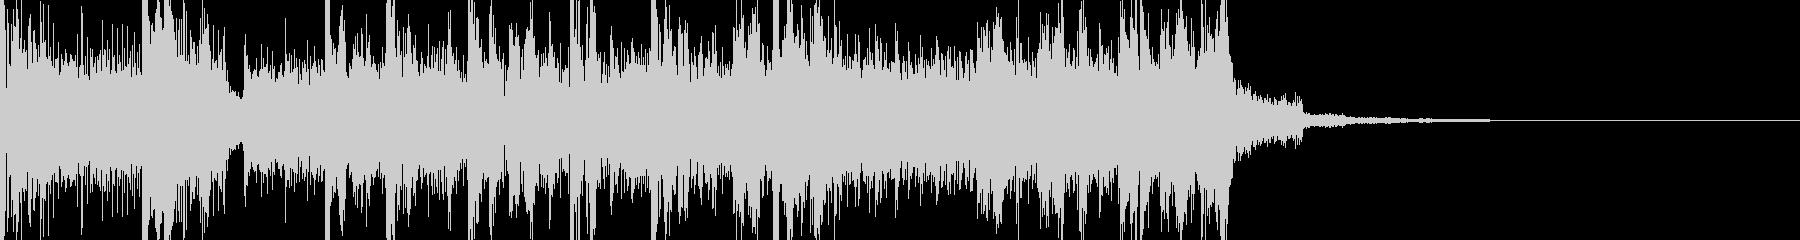 フューチャーサイエンスなサウンドロゴの未再生の波形